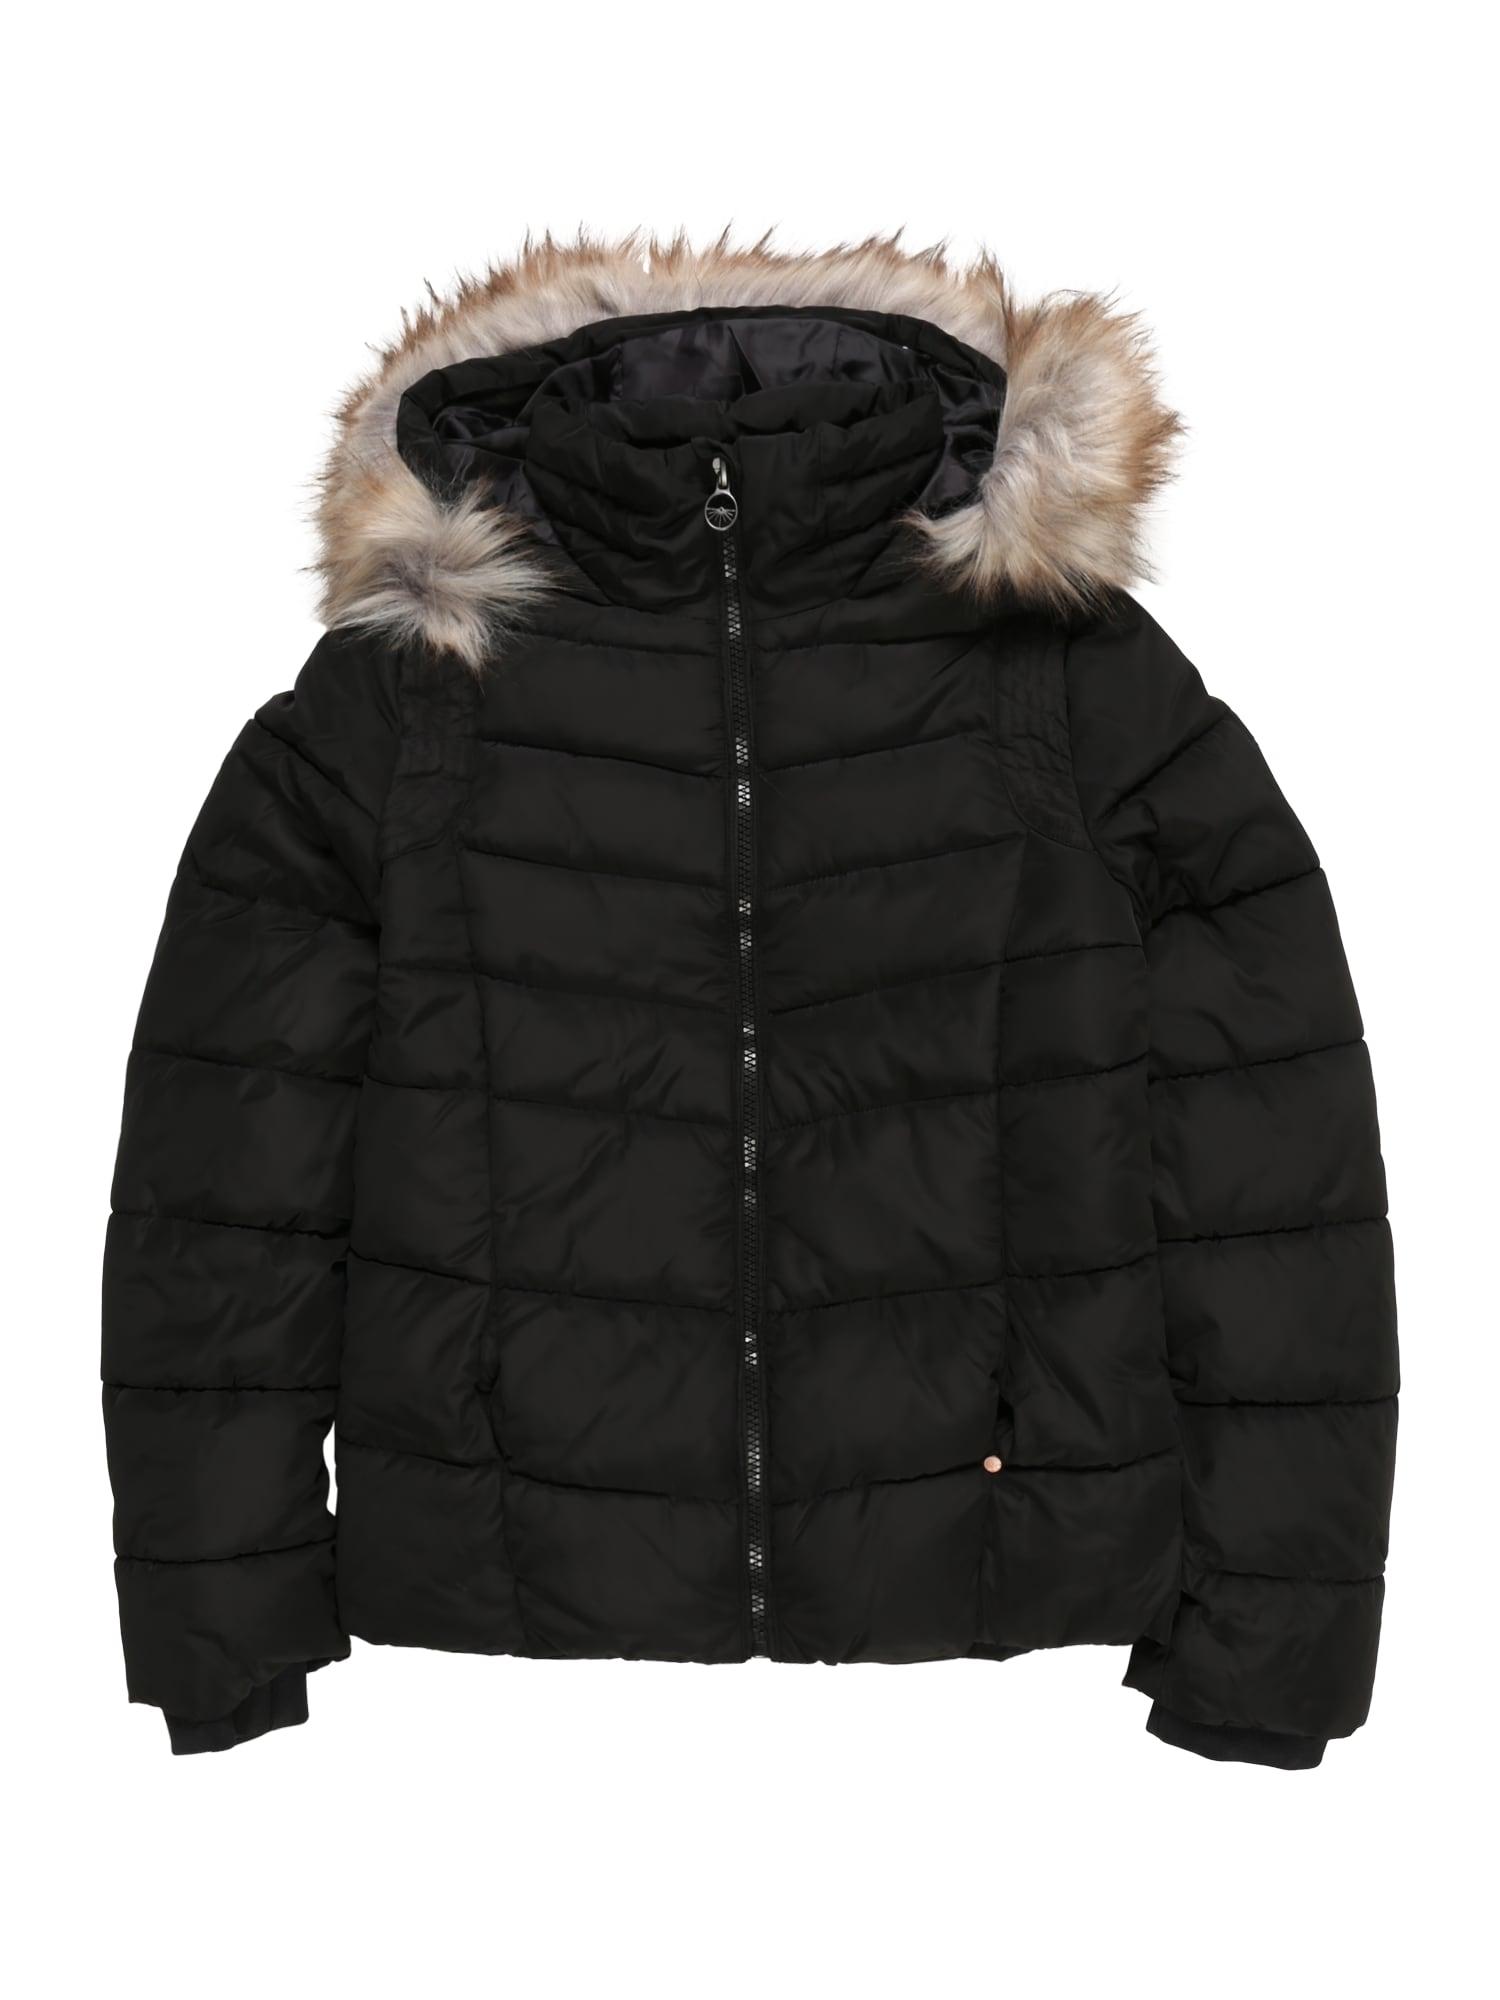 Petrol Industries Žieminė striukė 'Girls Jacket Puff' juoda